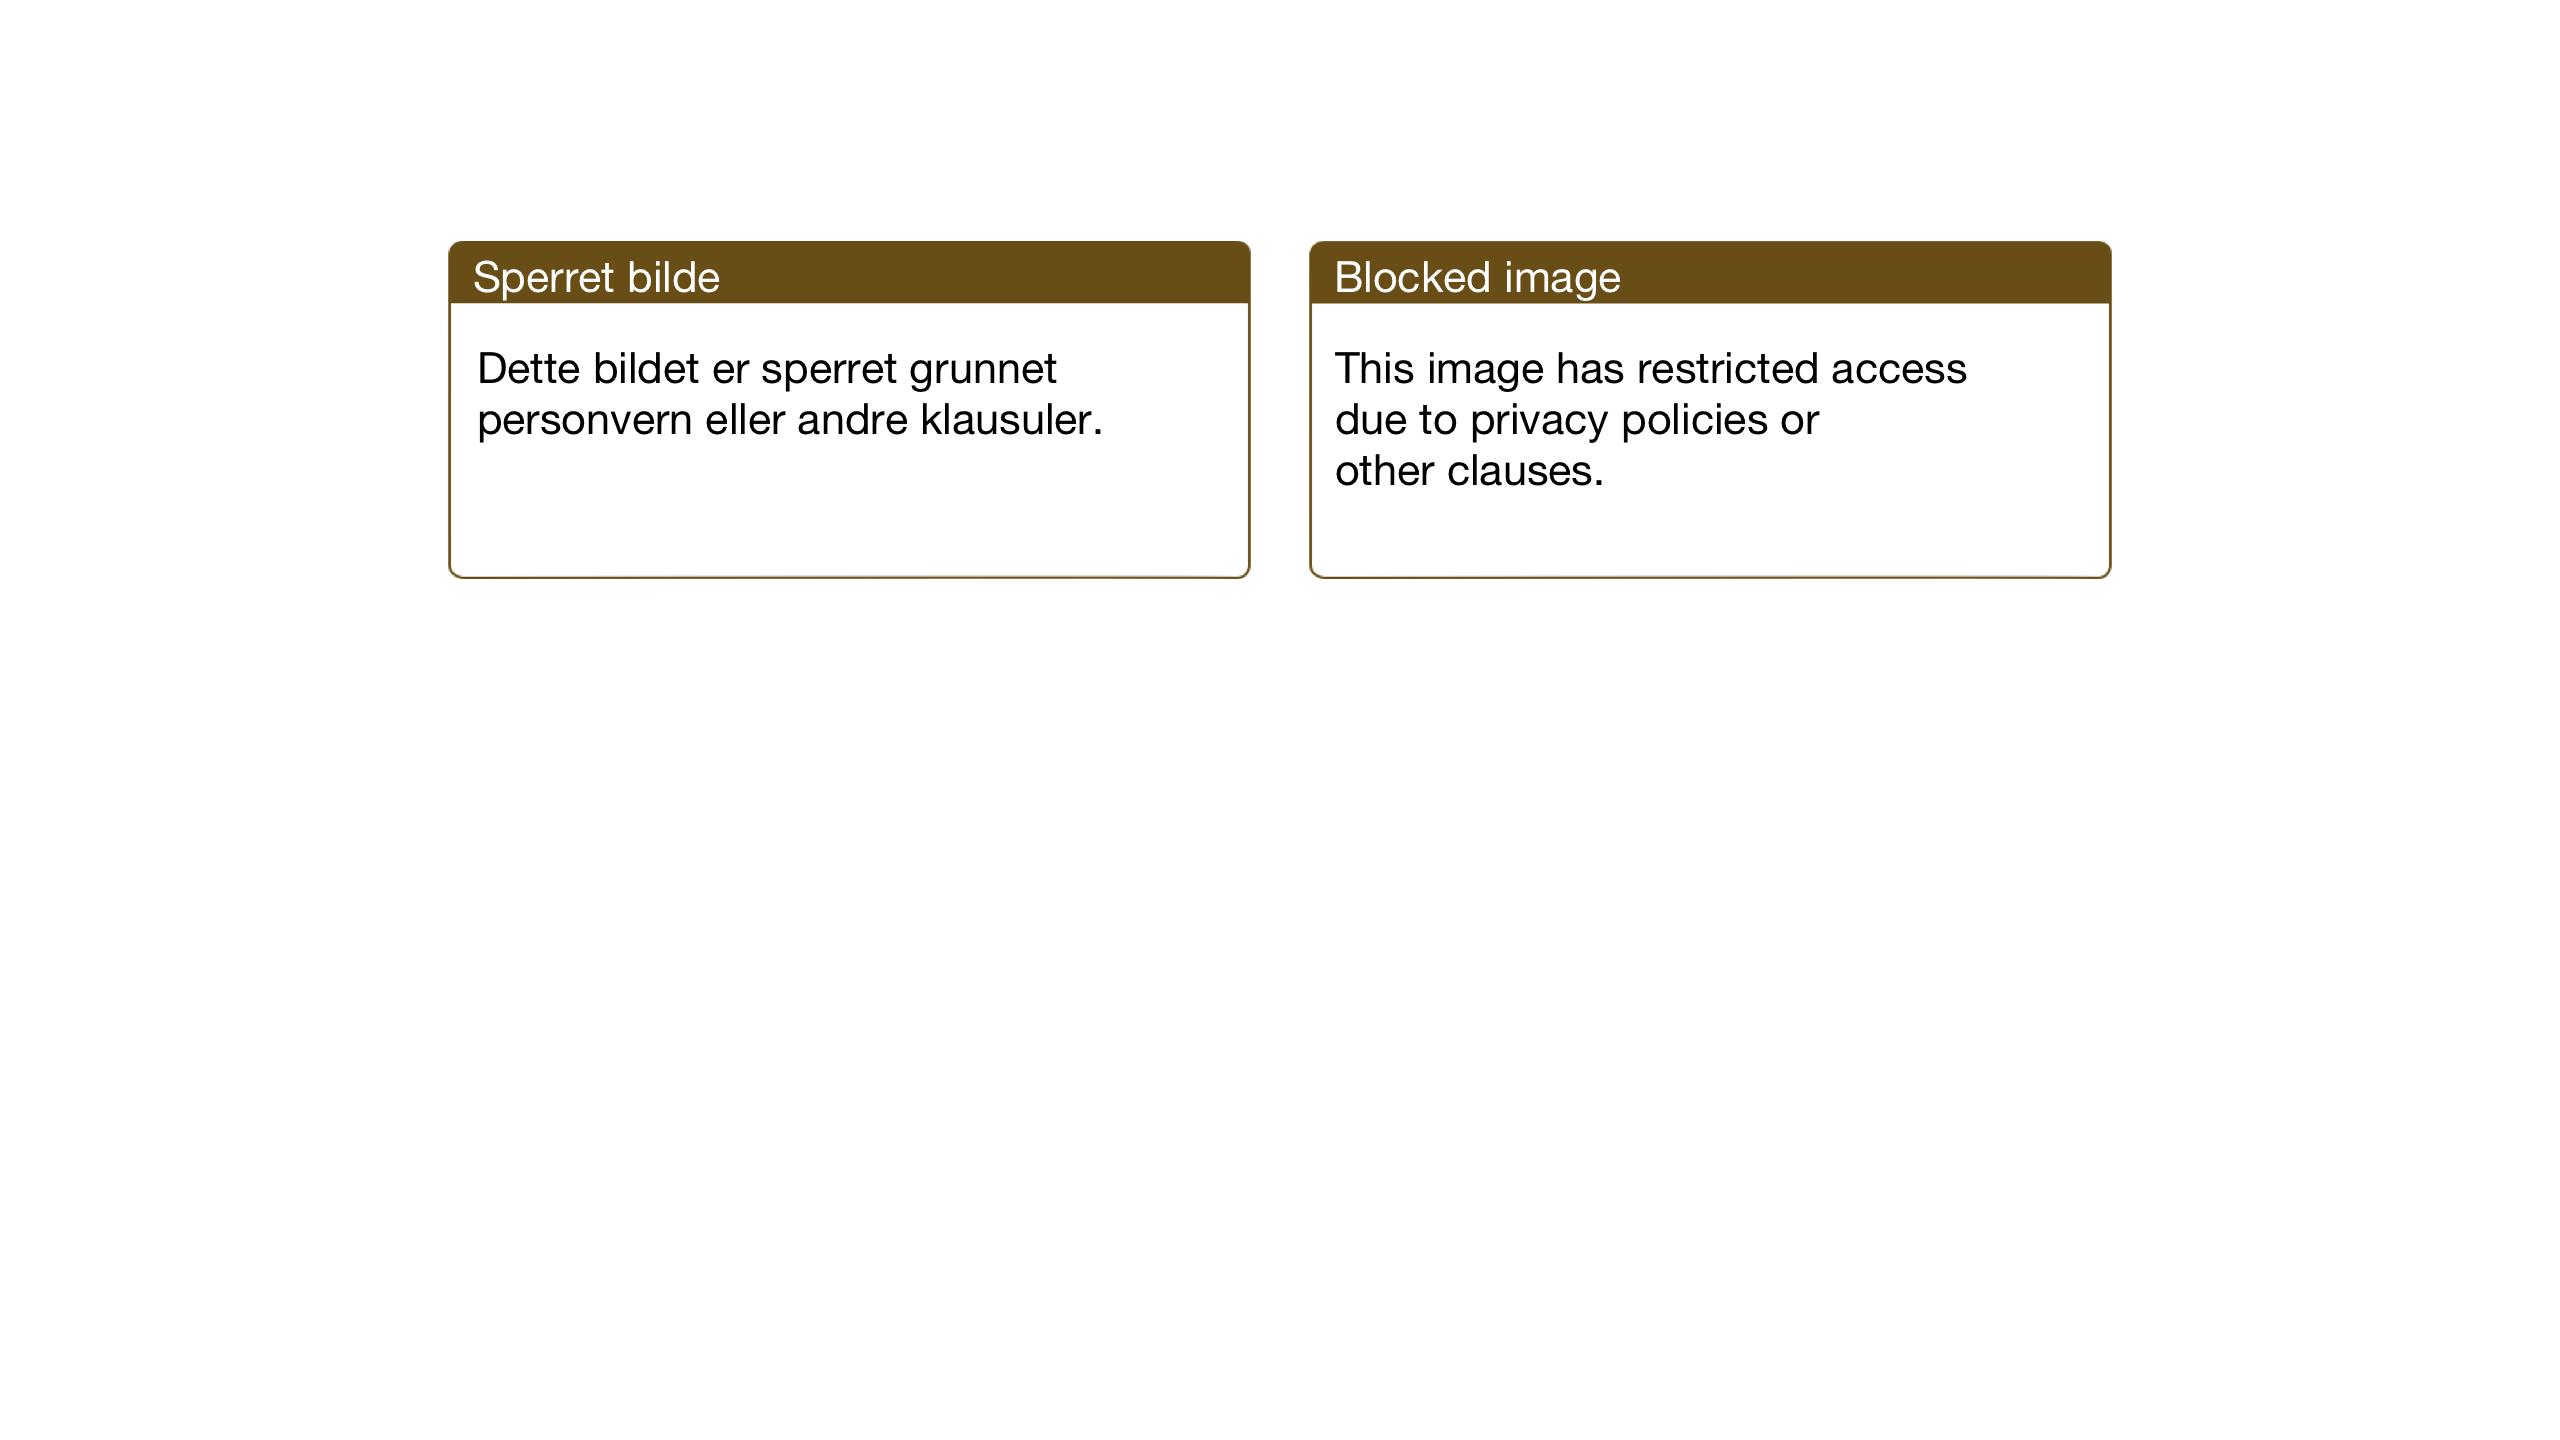 SAT, Ministerialprotokoller, klokkerbøker og fødselsregistre - Sør-Trøndelag, 655/L0689: Klokkerbok nr. 655C05, 1922-1936, s. 59